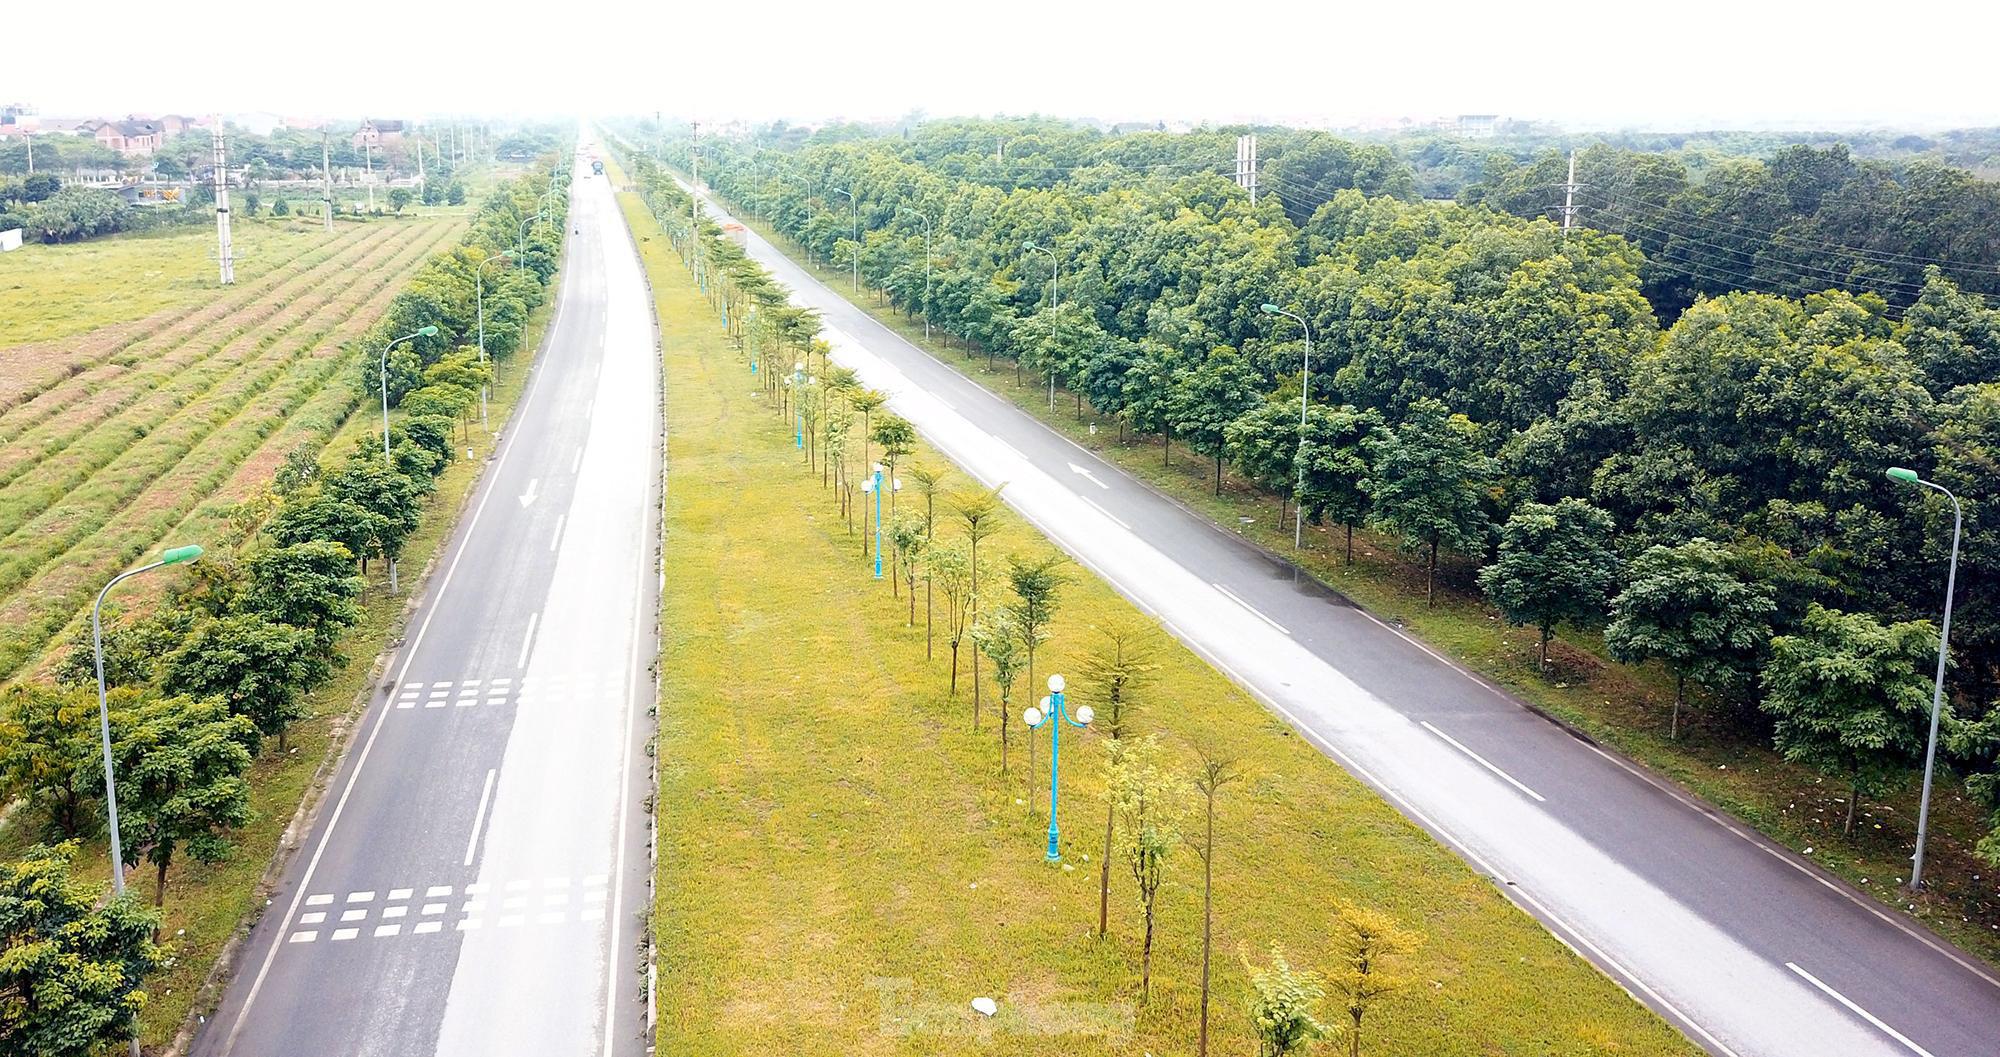 Tuyến đường 2.300 tỷ dài 15 km nối Hà Nội với Vĩnh Phúc hoạt động ra sao? - Ảnh 4.